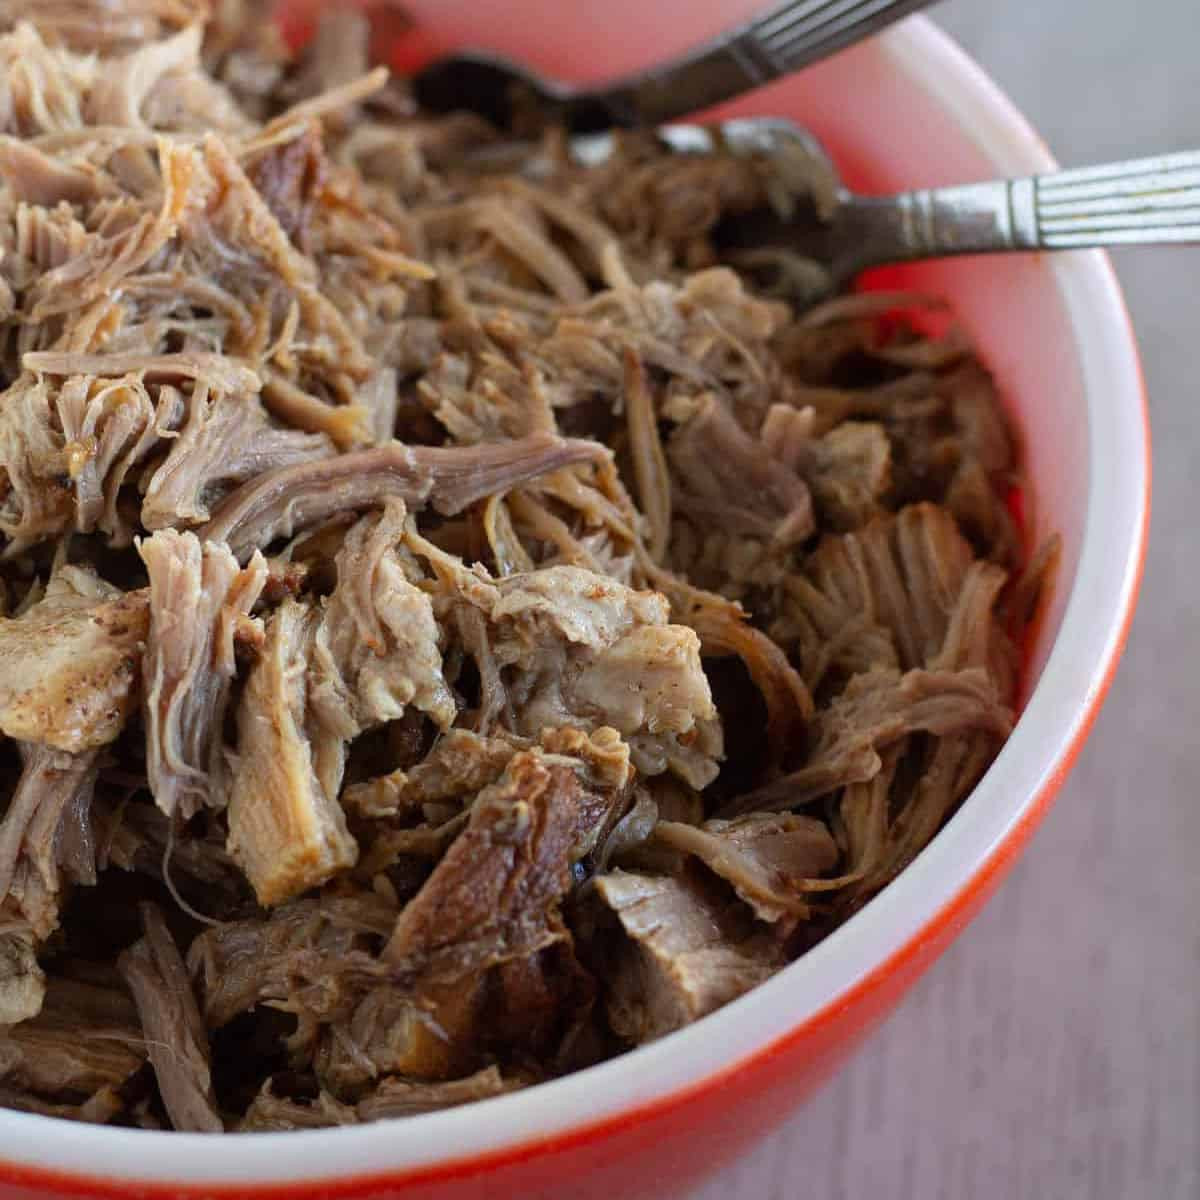 Pulled Pork Slow Cooker Keto  Keto Pulled Pork Paleo & Whole30 Instant Pot Slow